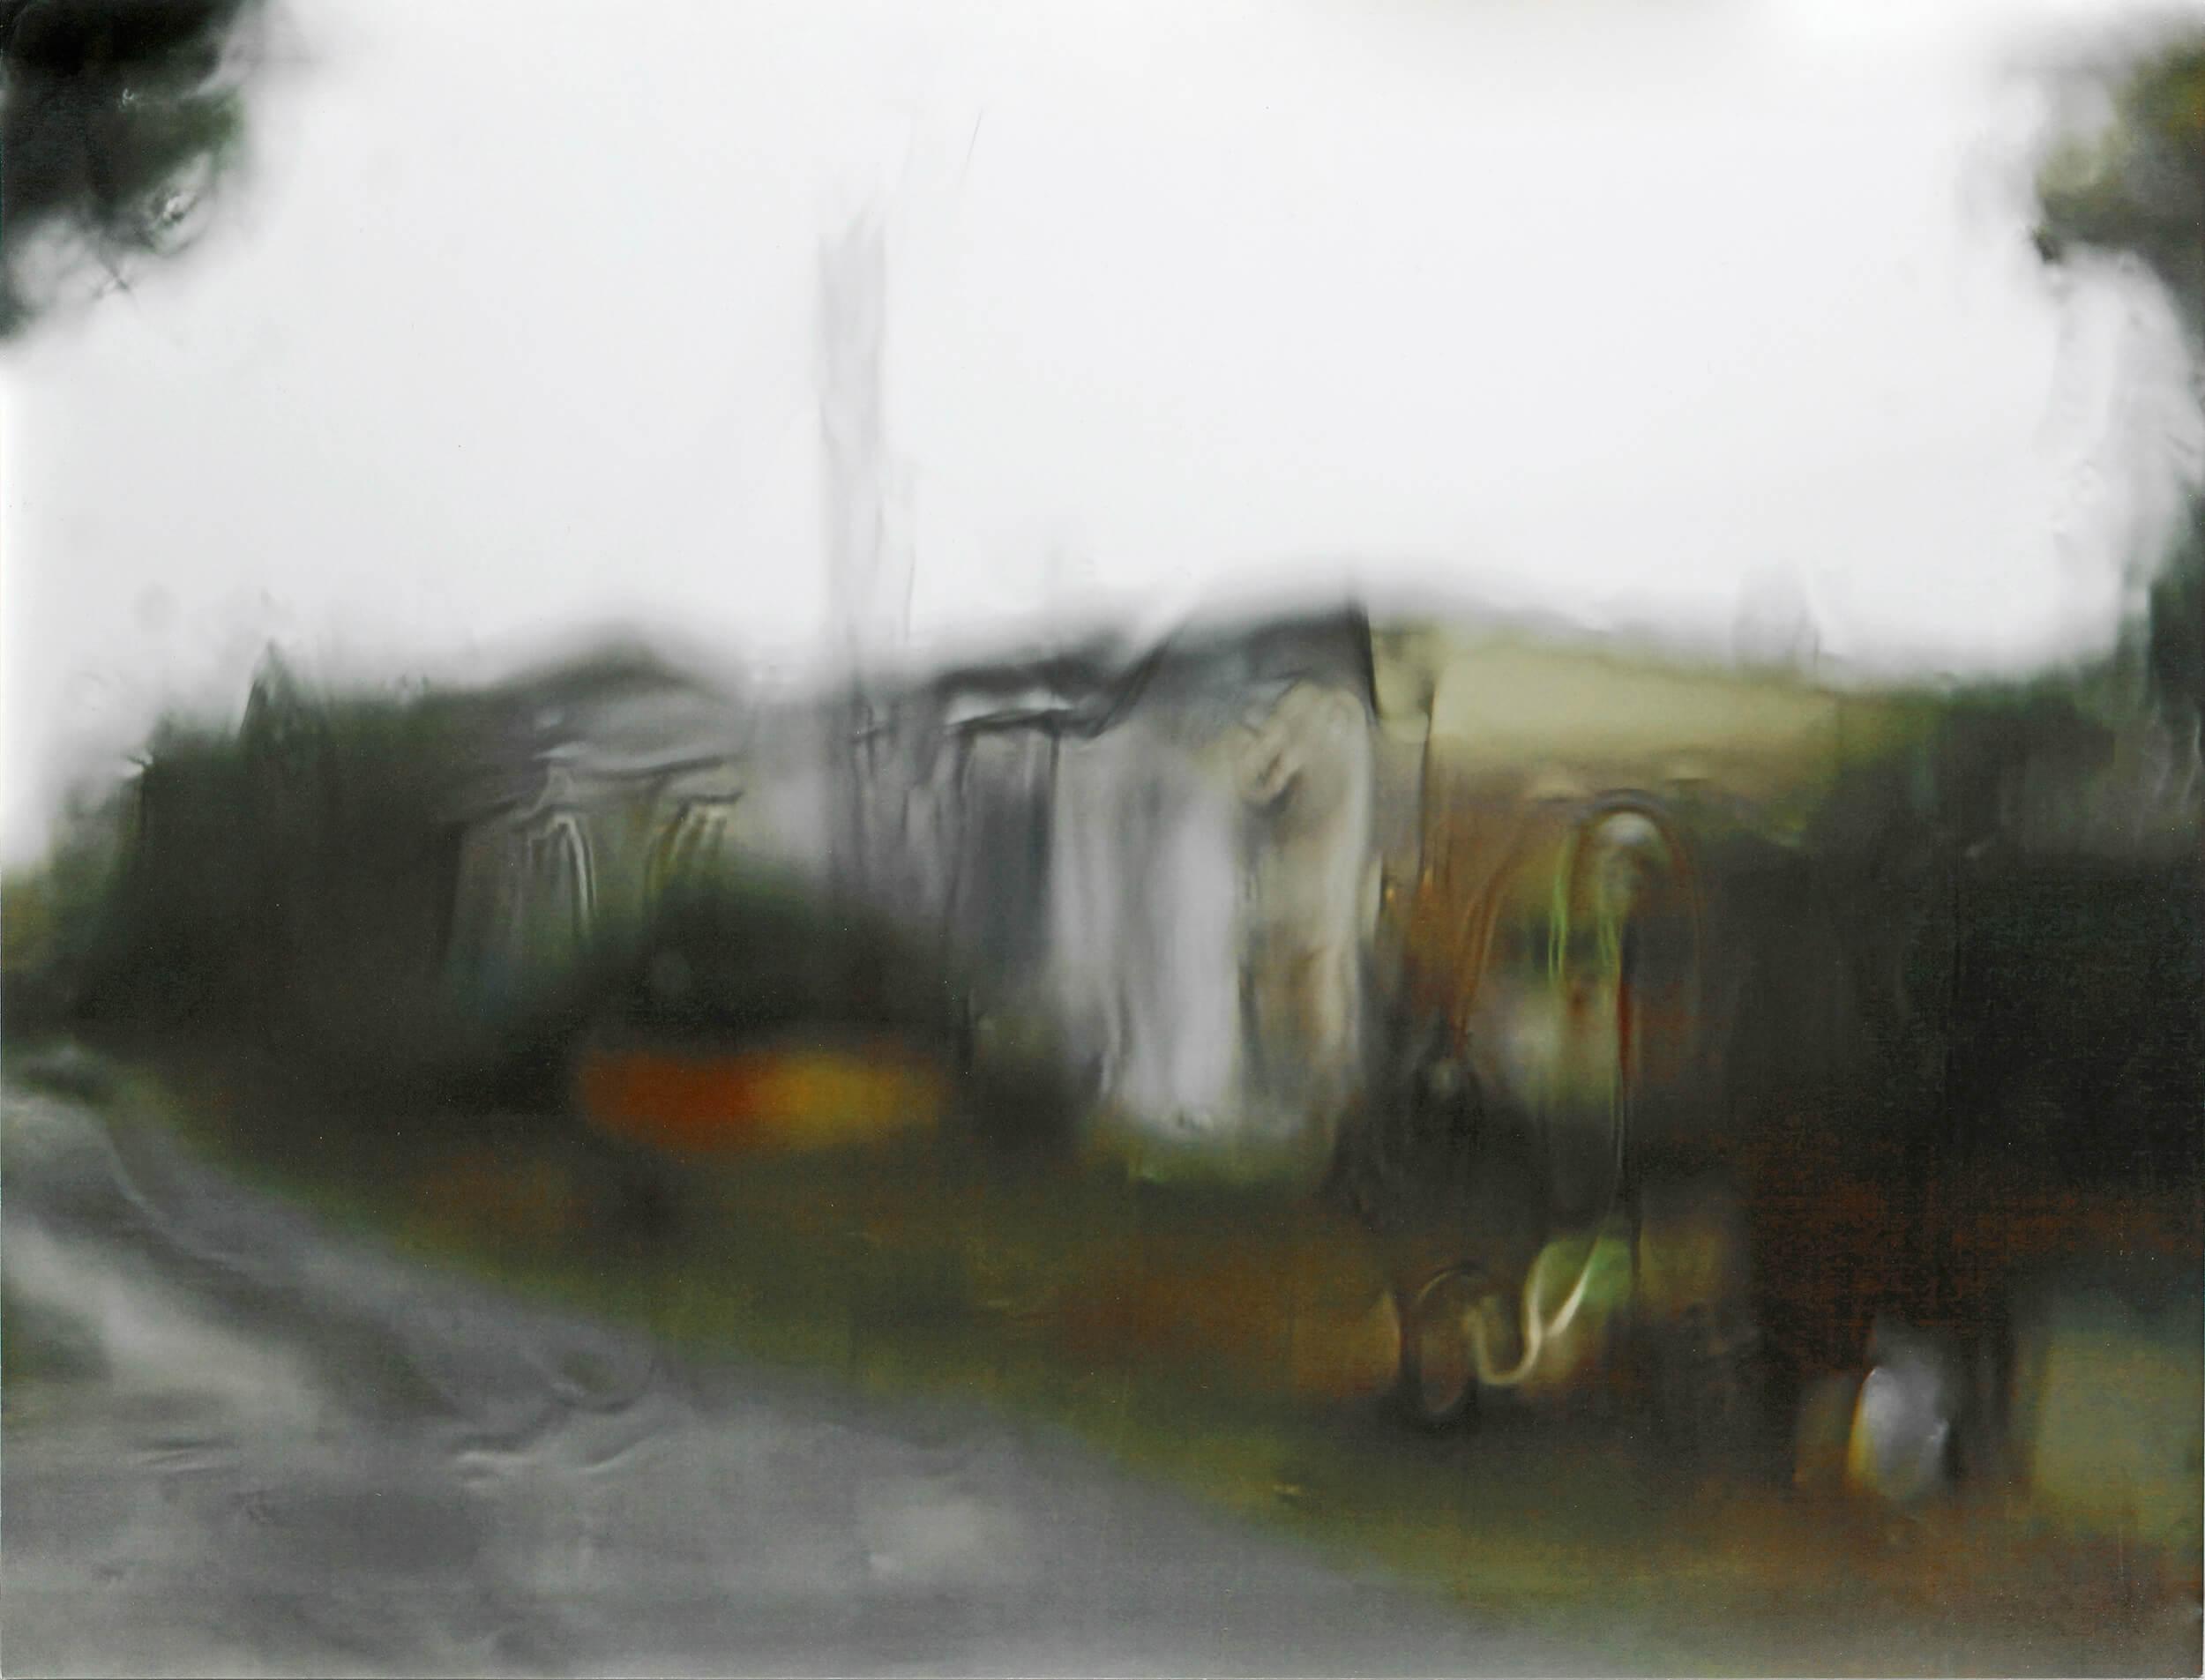 TED - Paysage confus - Tirage photo fine art sur papier mat Hahnemuhle, 63 x 49 cm